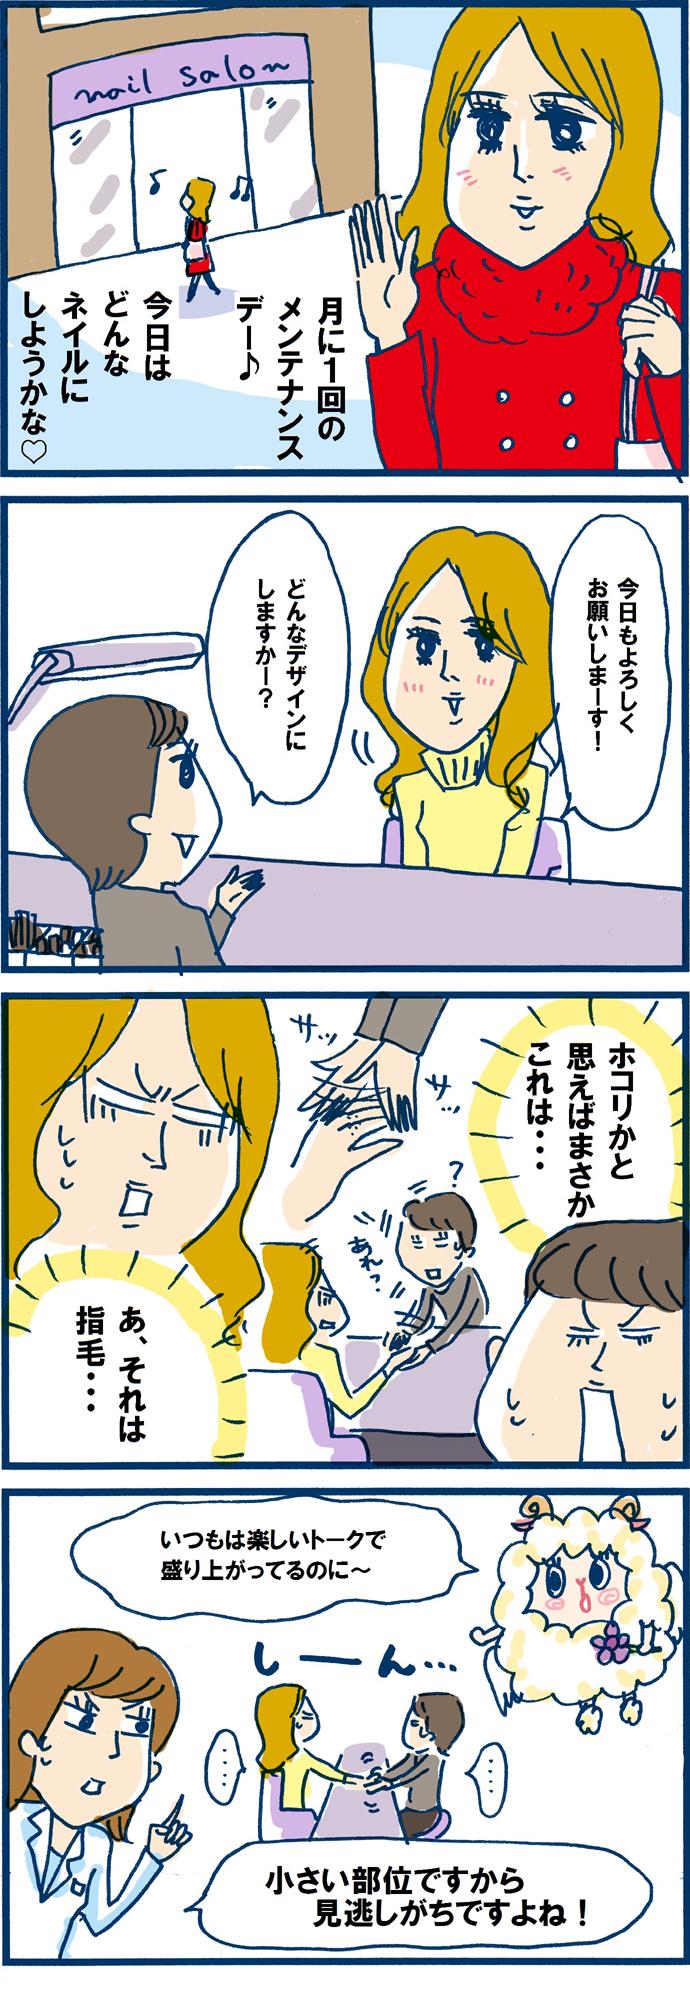 【Vol.6】女子たちの沈黙・・・。おさぼりケアにご用心!!